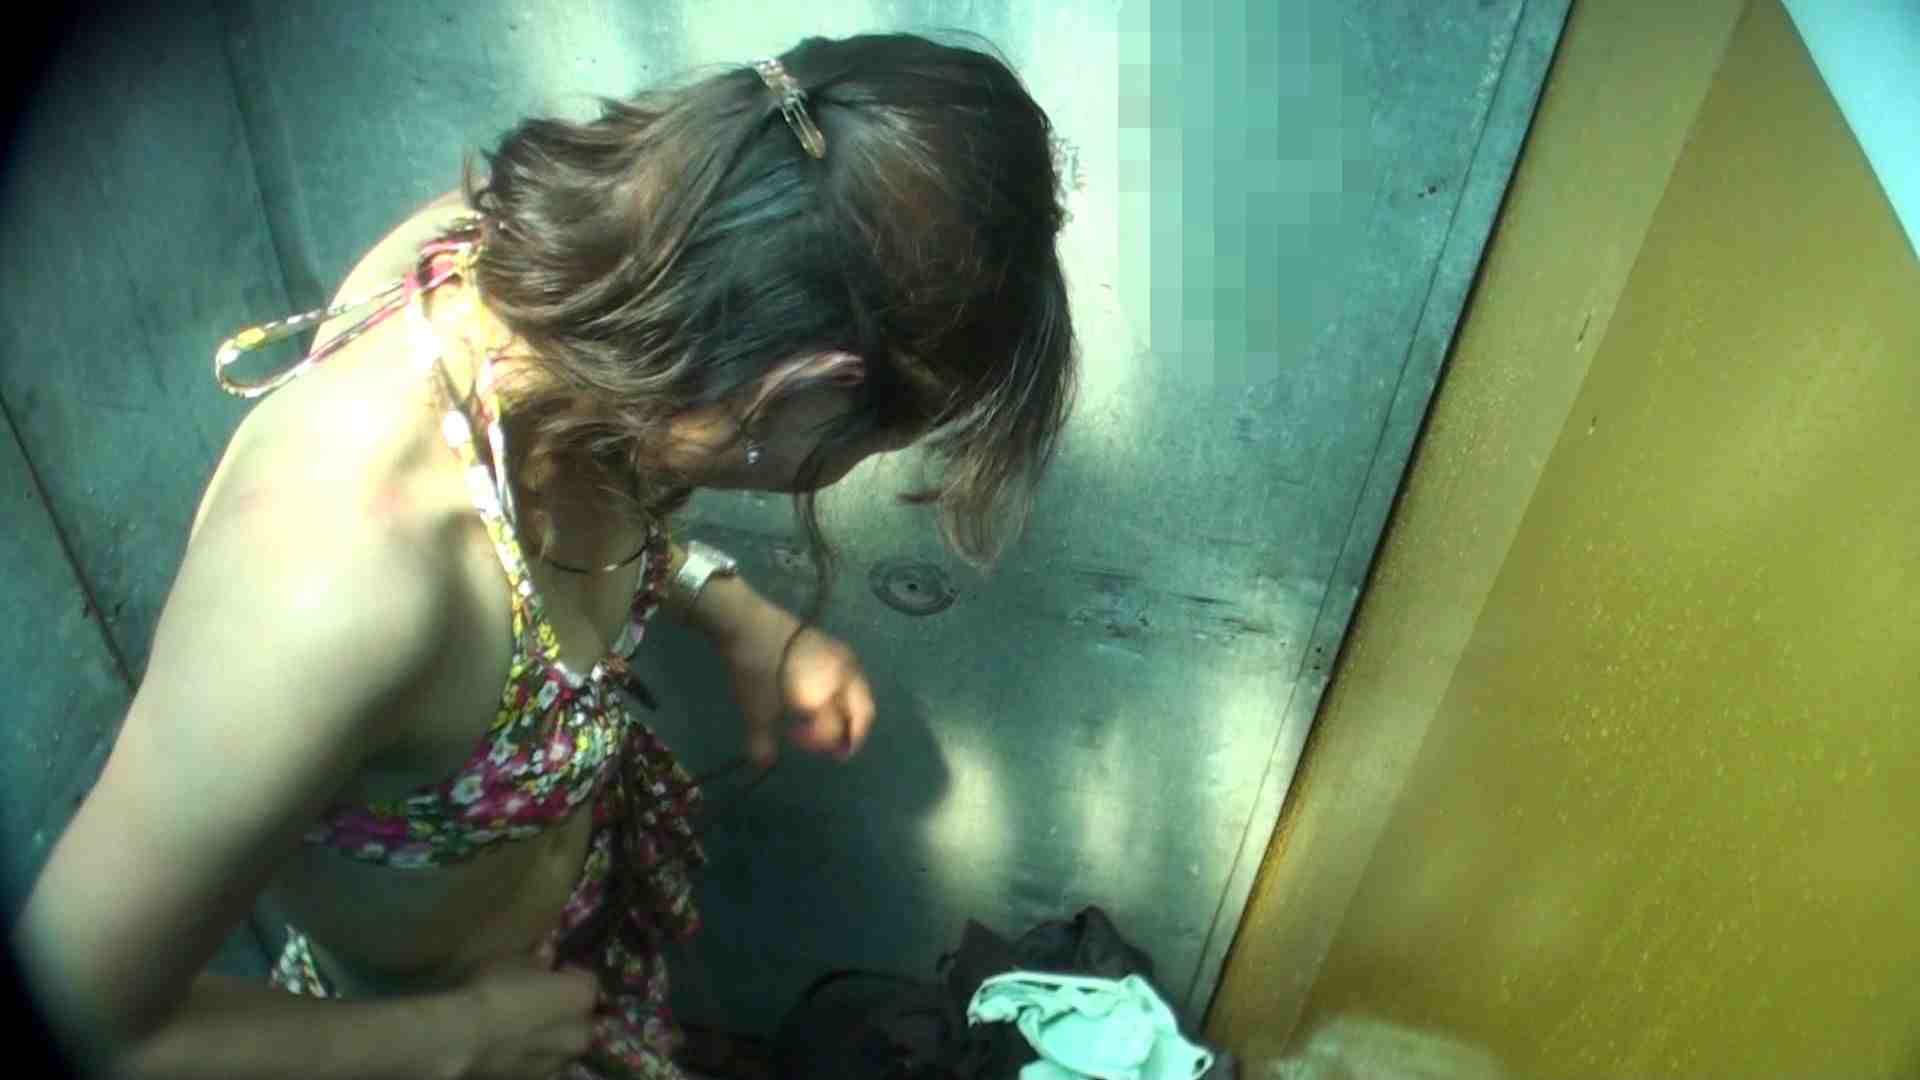 シャワールームは超!!危険な香りVol.16 意外に乳首は年増のそれ 高画質  44連発 28